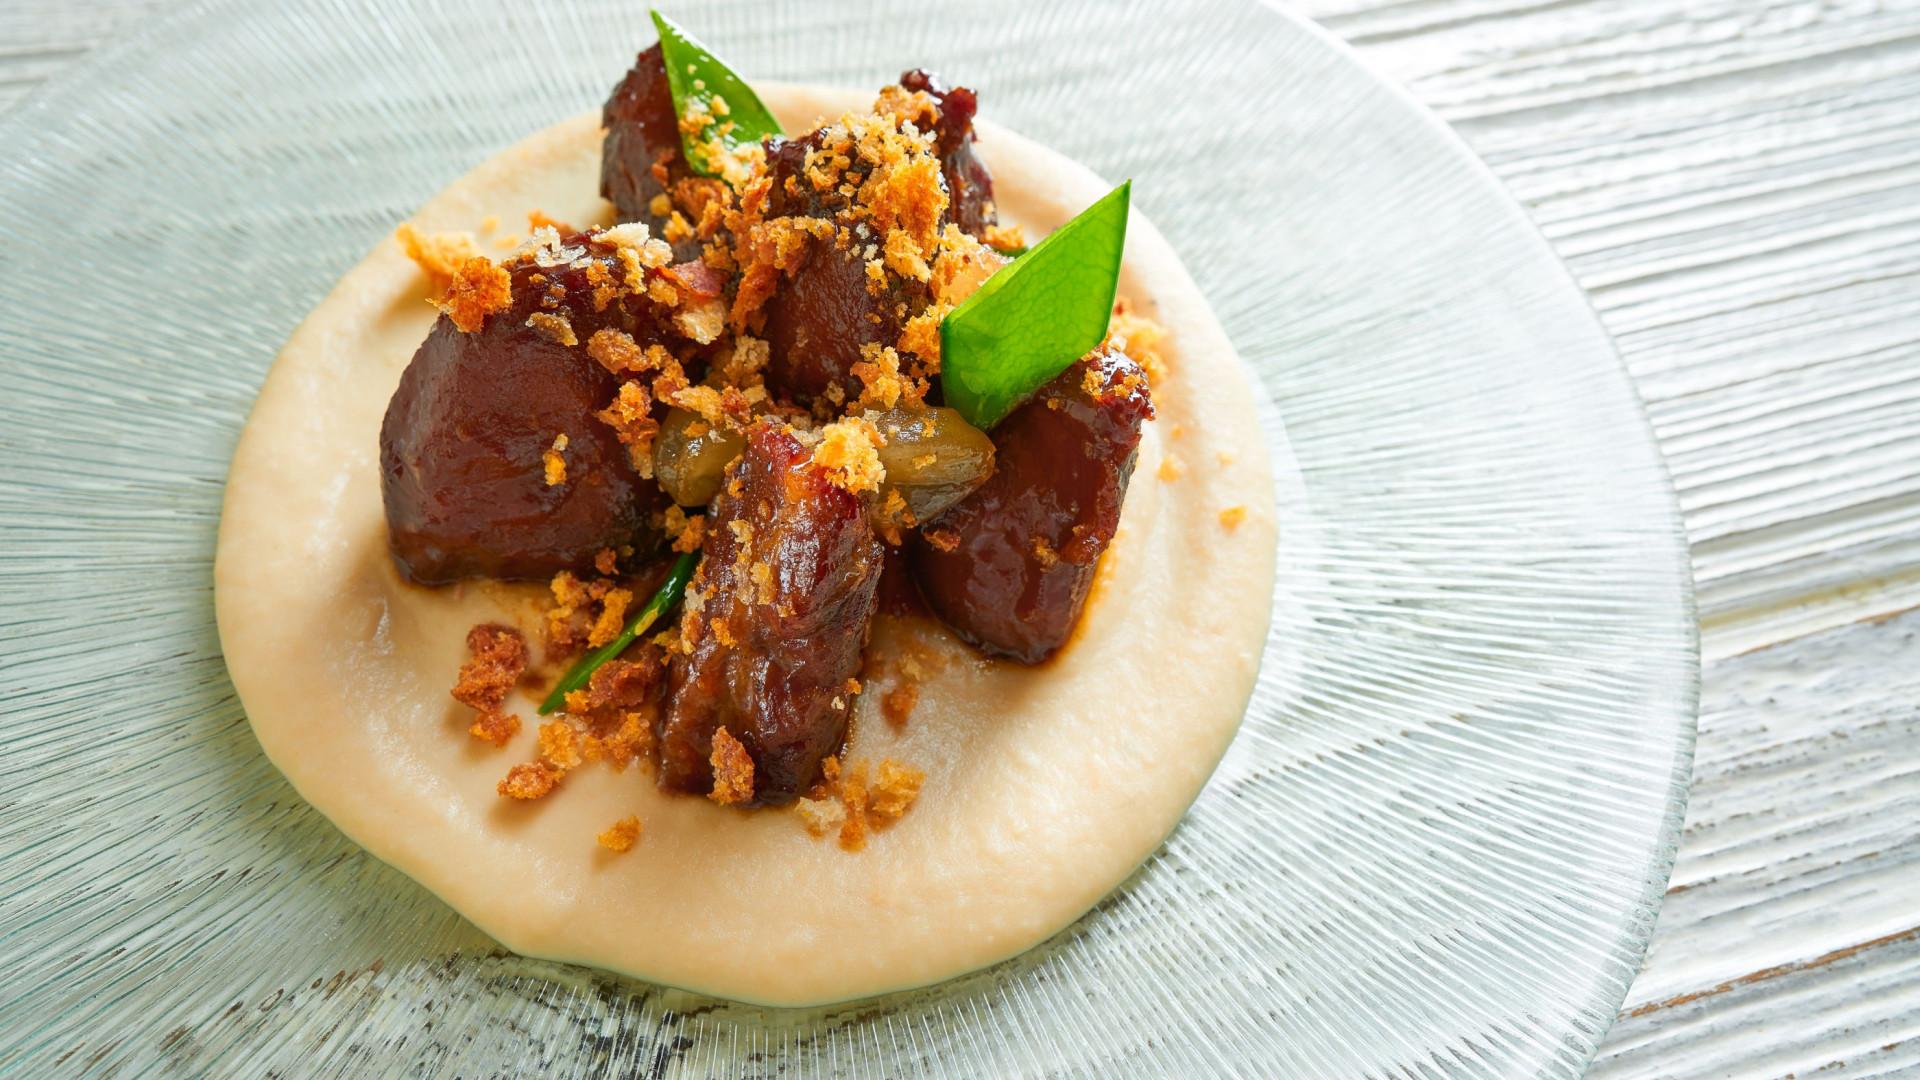 Aprenda a fazer esta receita de bochechas de porco confitadas